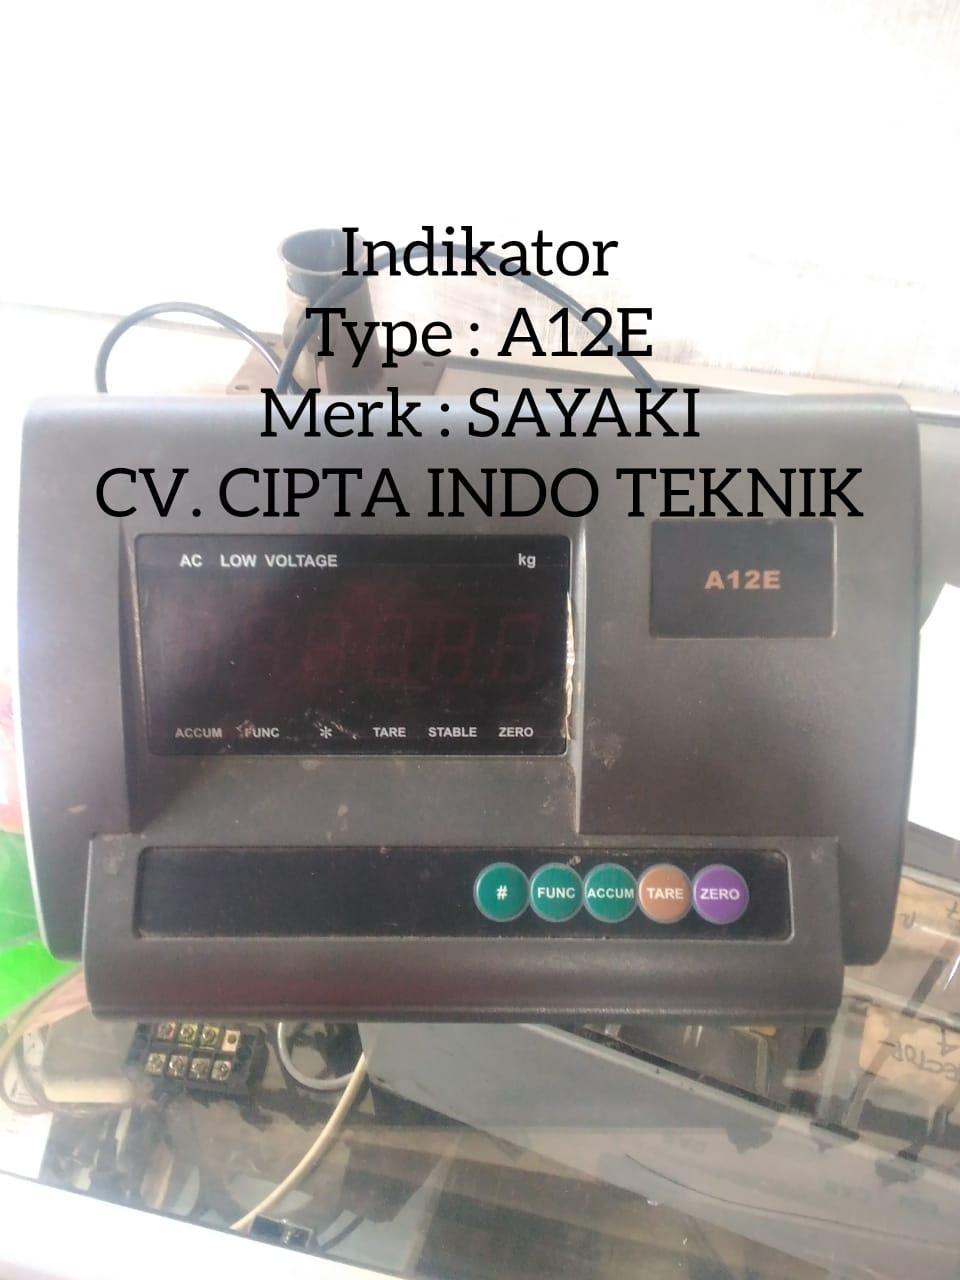 SAYAKI  – INDIKATOR  A12E  – CV. CIPTA INDO TEKNIK